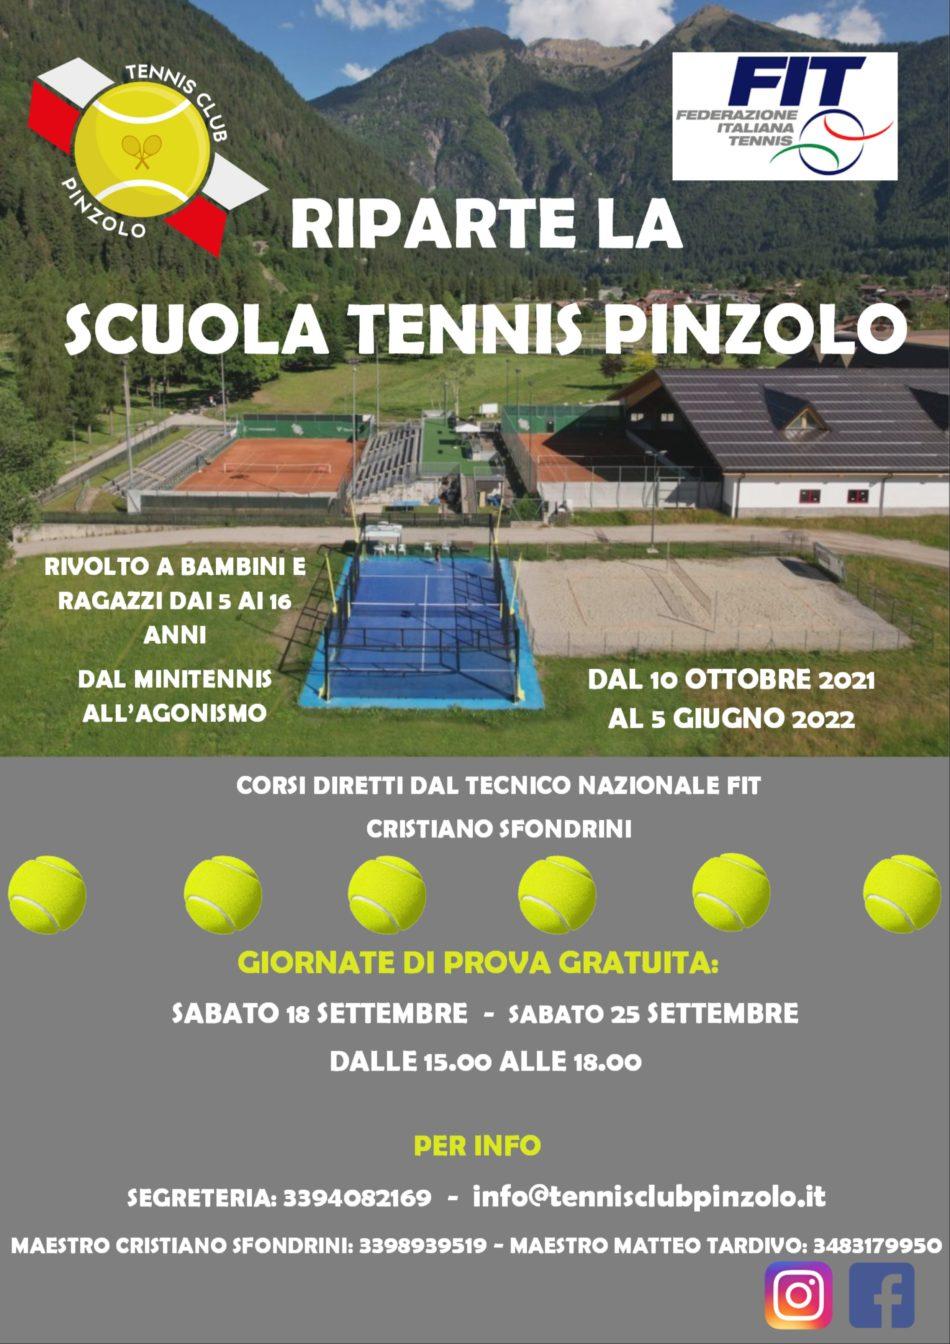 Riparte la Scuola Tennis Pinzolo